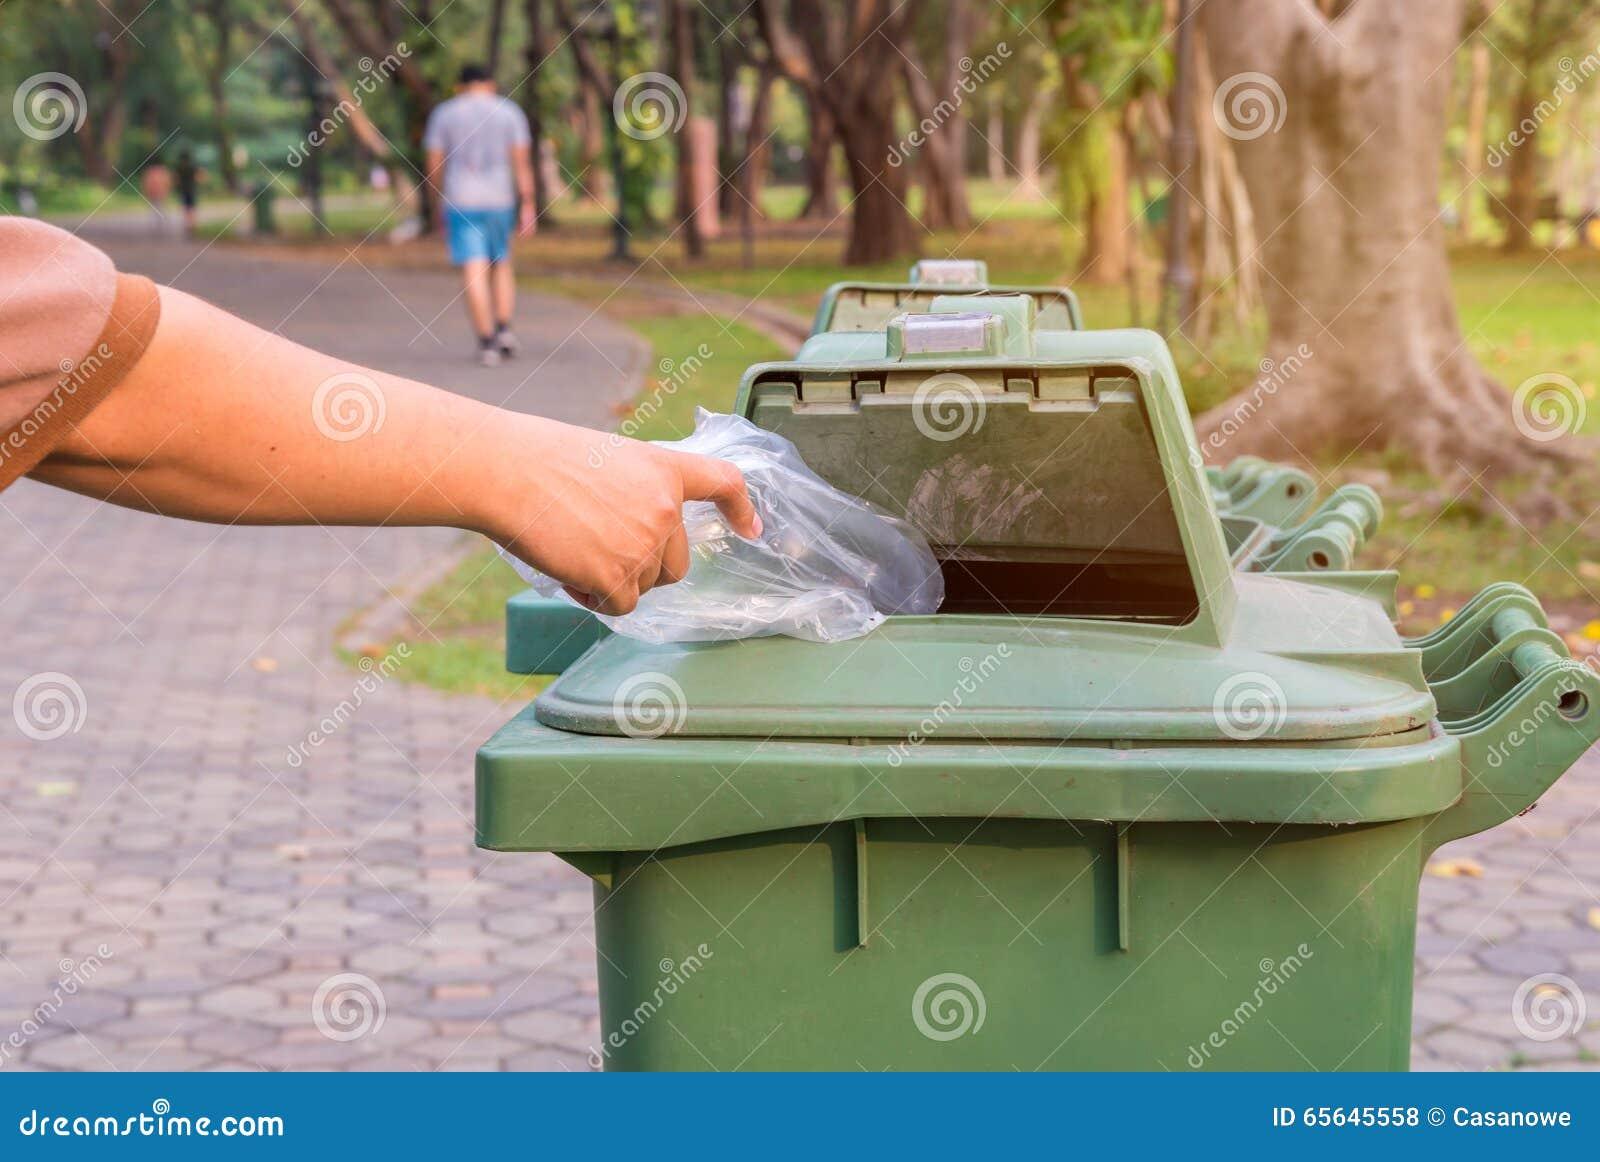 Bouteille de lancement de main dans des poubelles